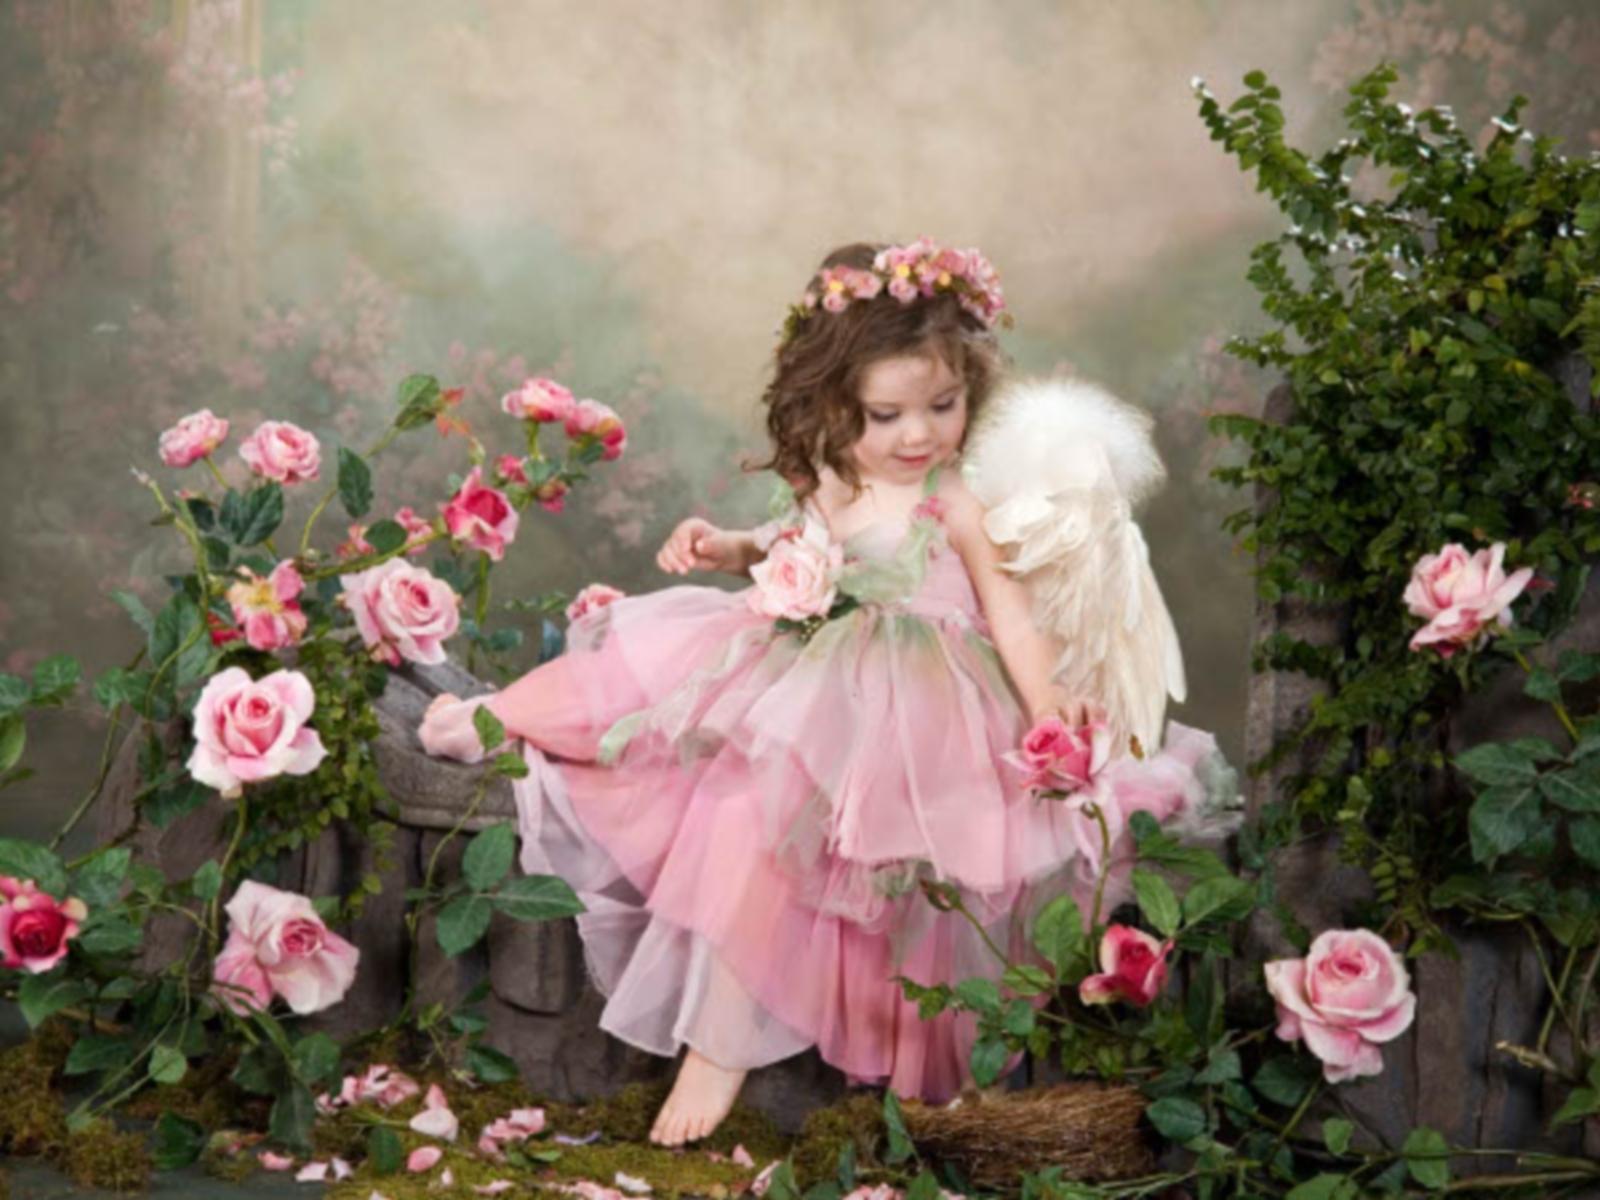 1324 Hintergrundbild herunterladen Menschen, Blumen, Kinder, Fotokunst, Engel - Bildschirmschoner und Bilder kostenlos